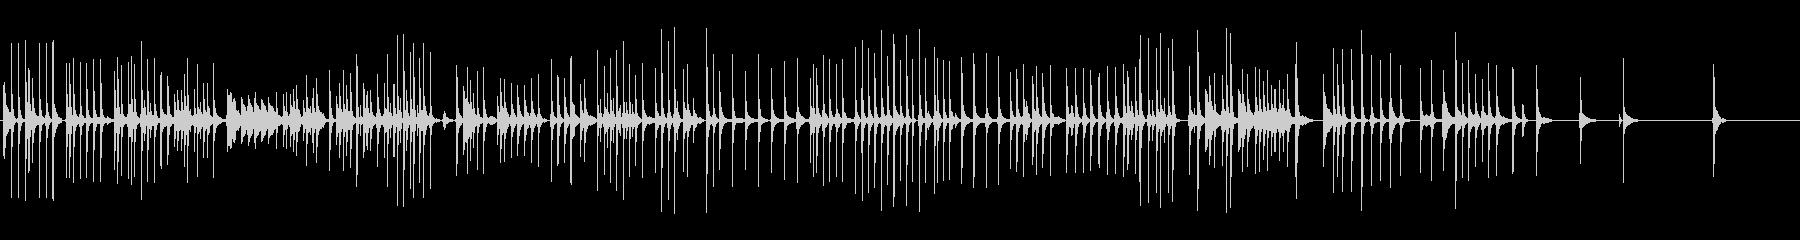 三味線119連獅子12獅子団乱旋二上り歌の未再生の波形